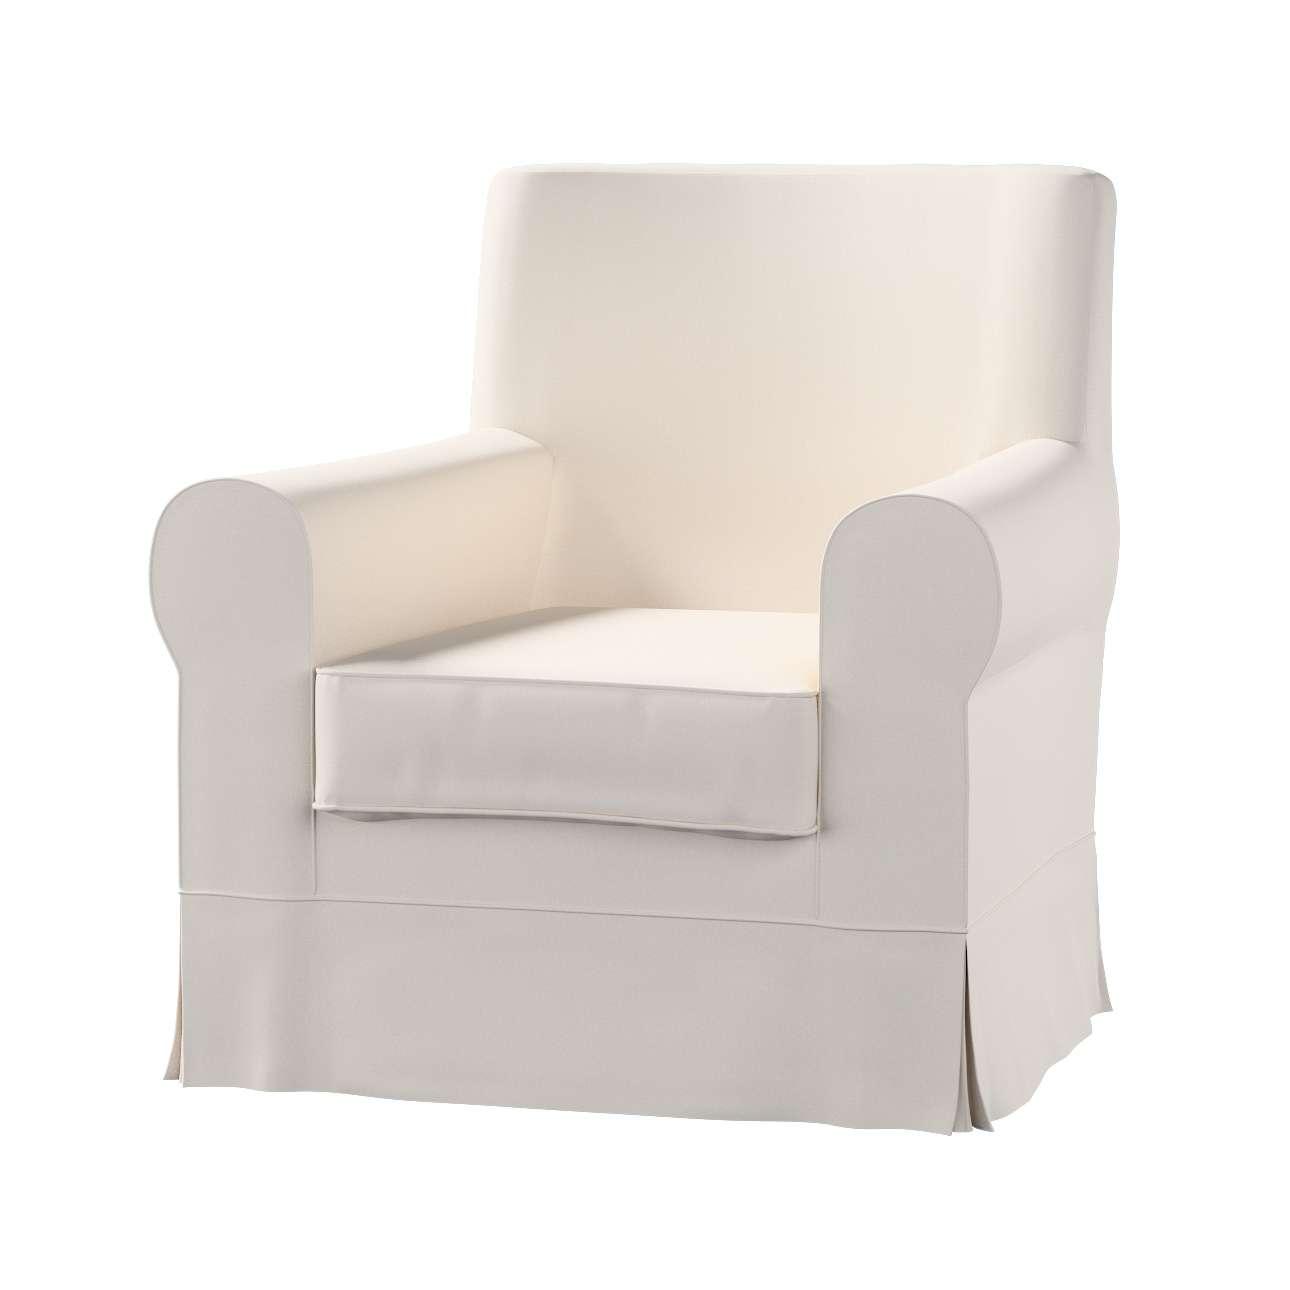 EKTORP JENNYLUND fotelio užvalkalas Ektorp Jennylund fotelio užvalkalas kolekcijoje Etna , audinys: 705-01